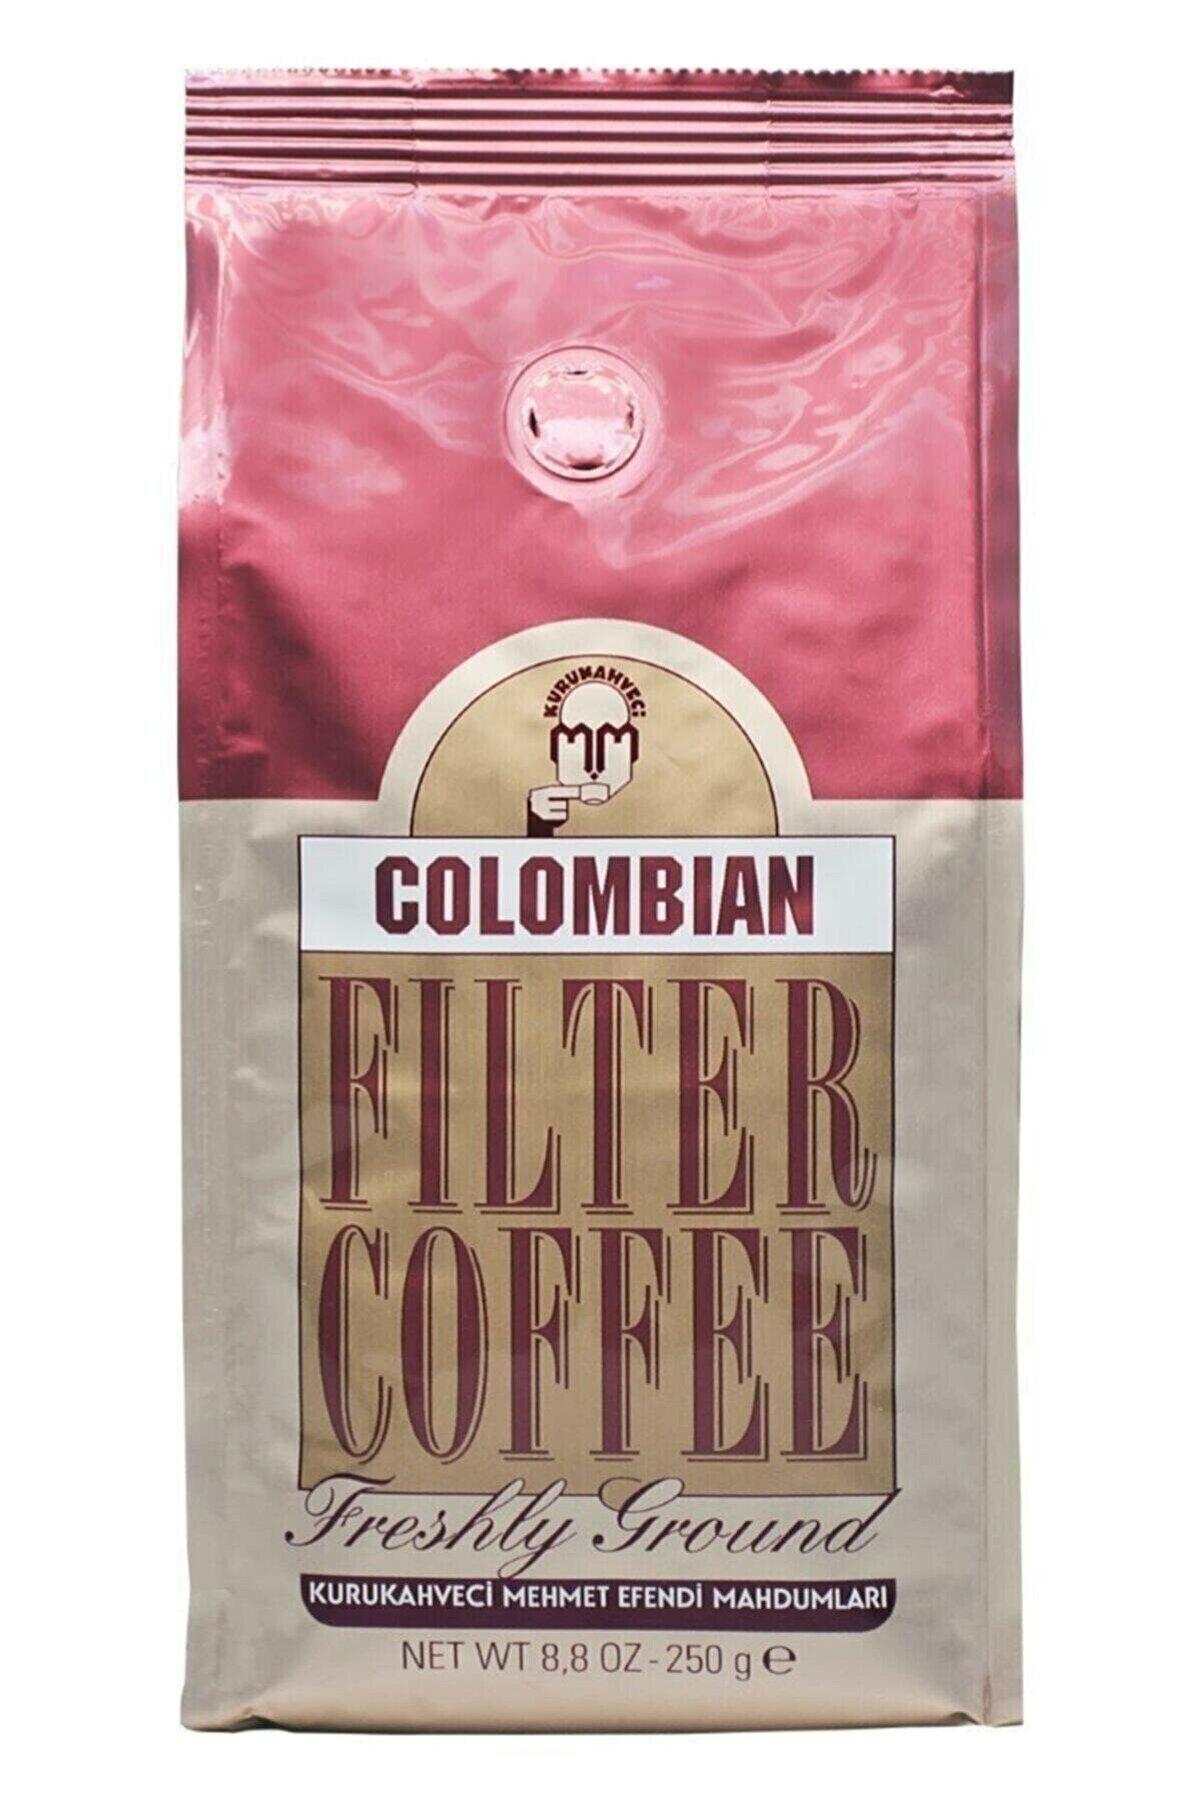 Mehmet Efendi Colombian Filtre Kahve Kolombiya 250 gr